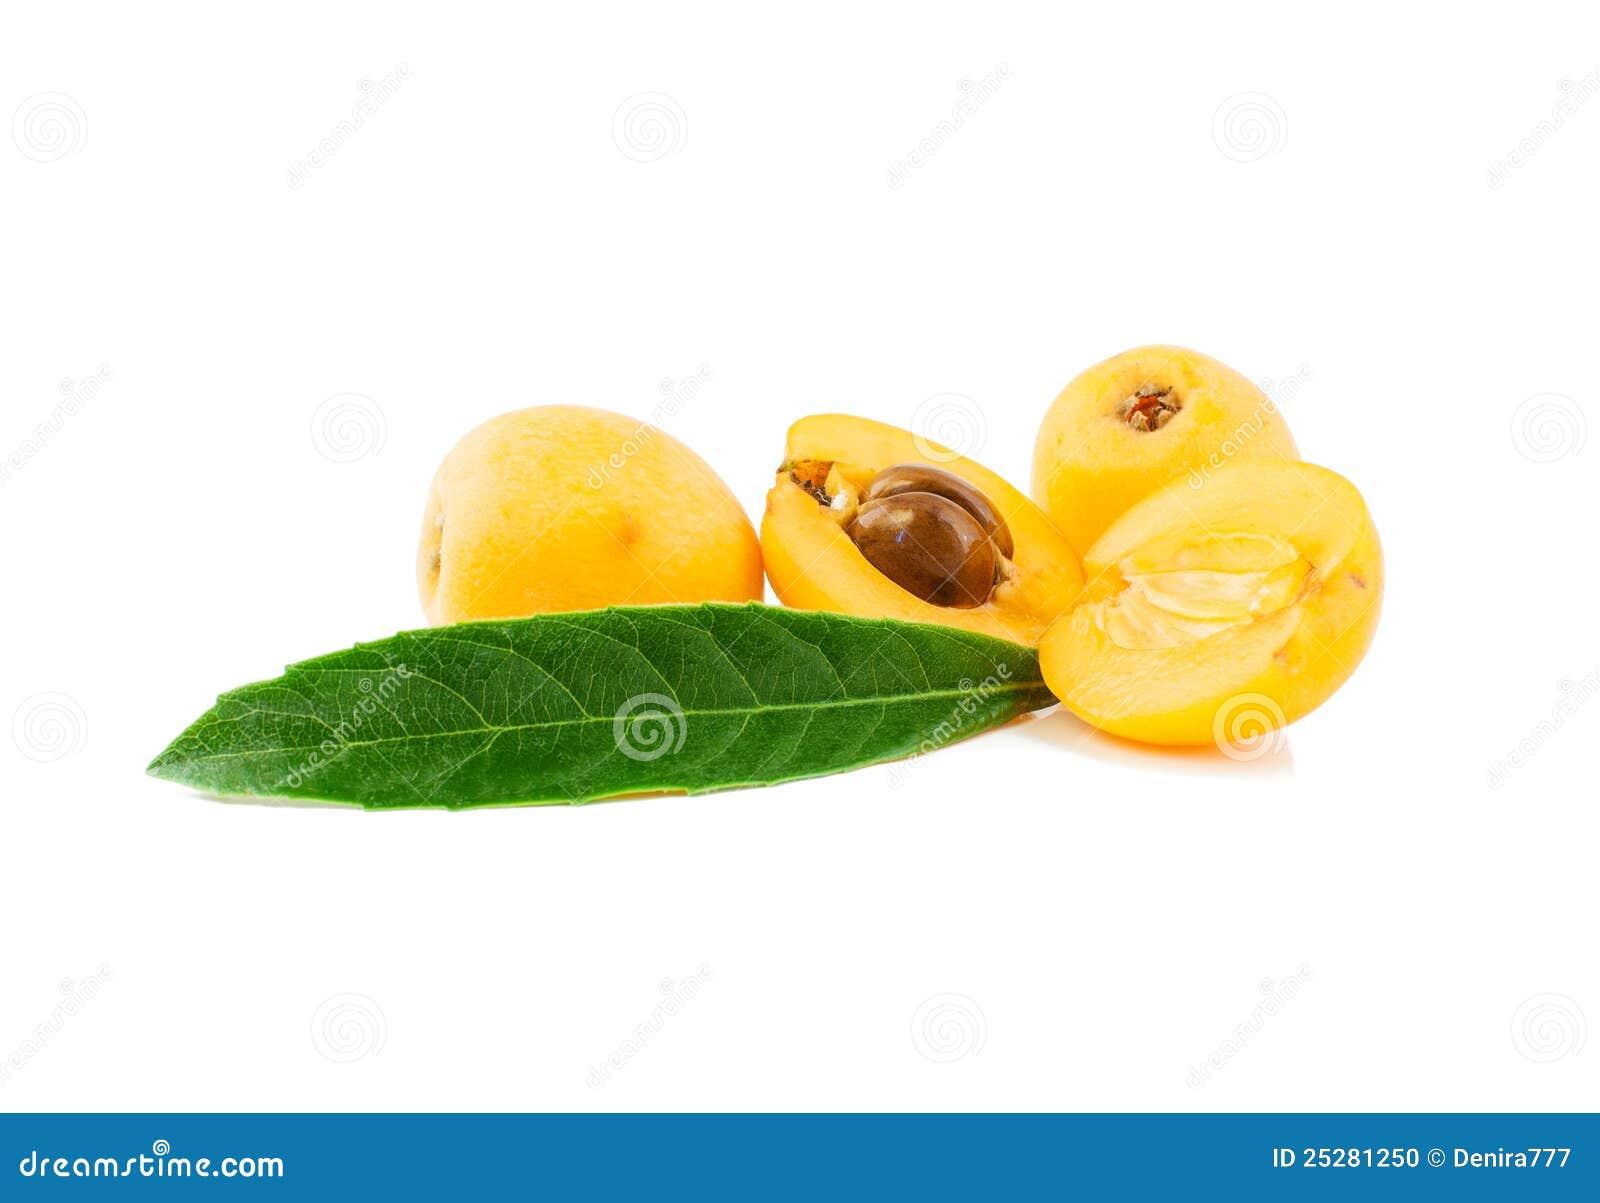 loquat fruit is squash a fruit